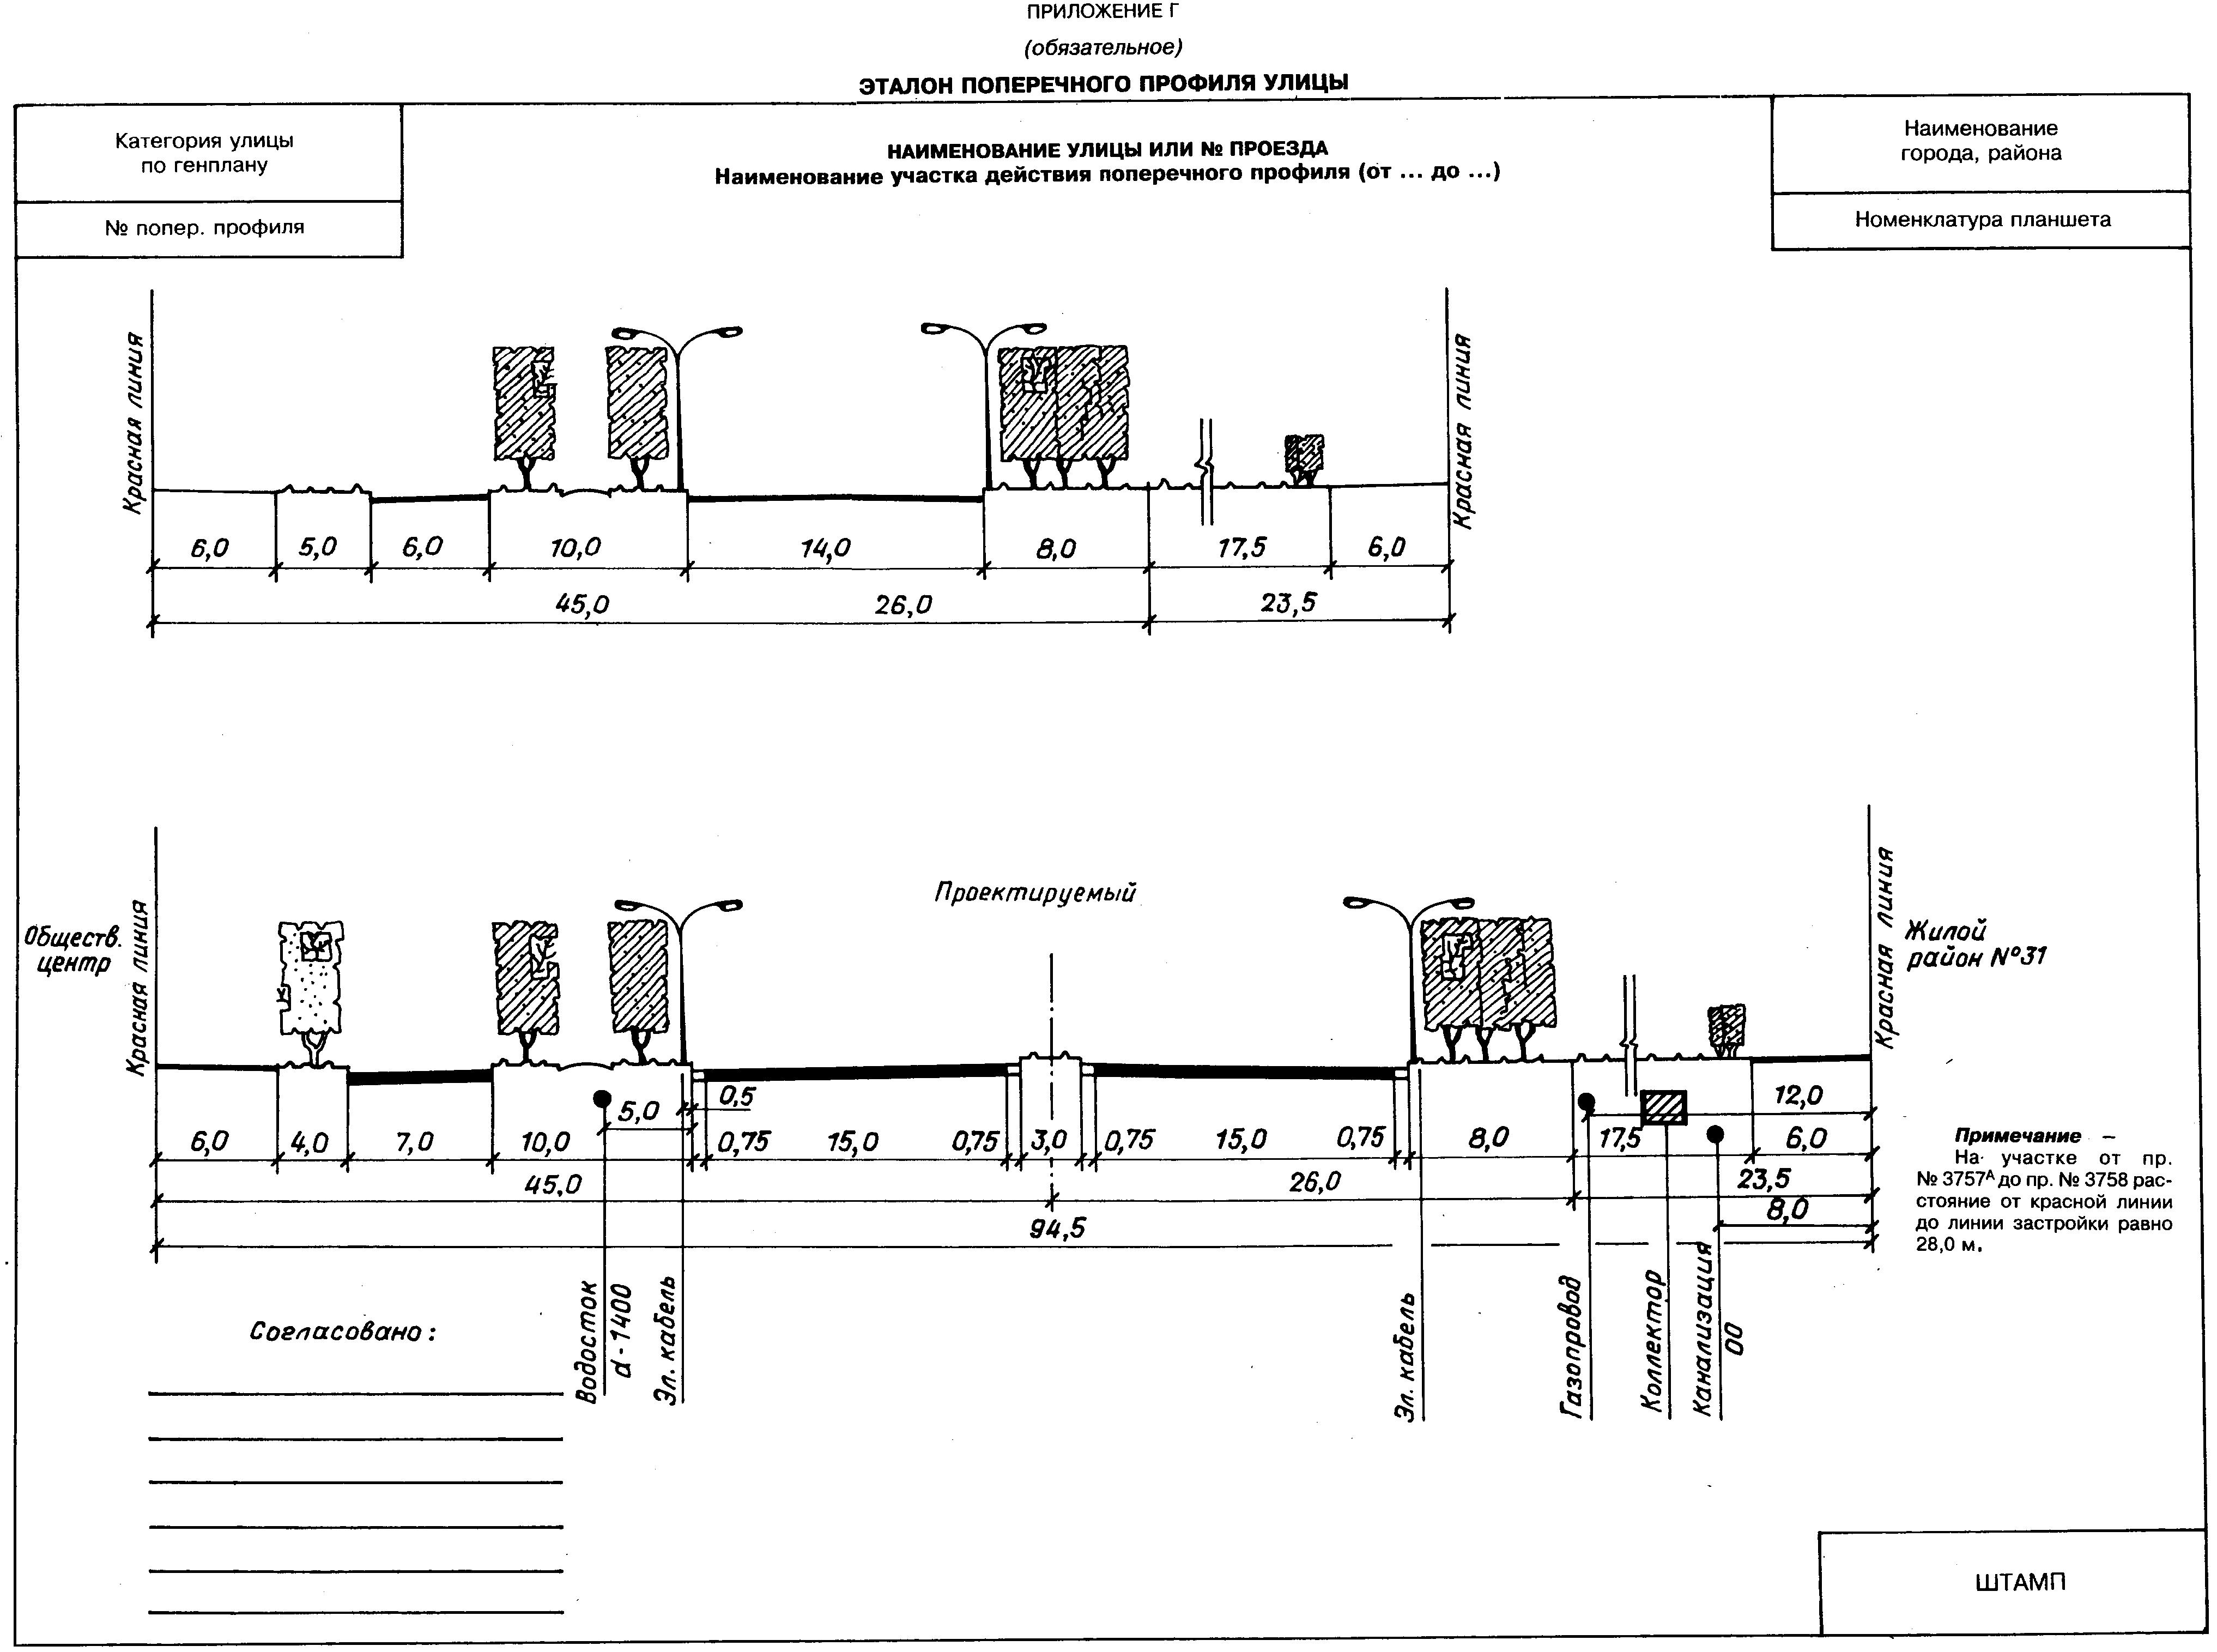 пример договора ооо с физическим лицом на изготовление чертежей